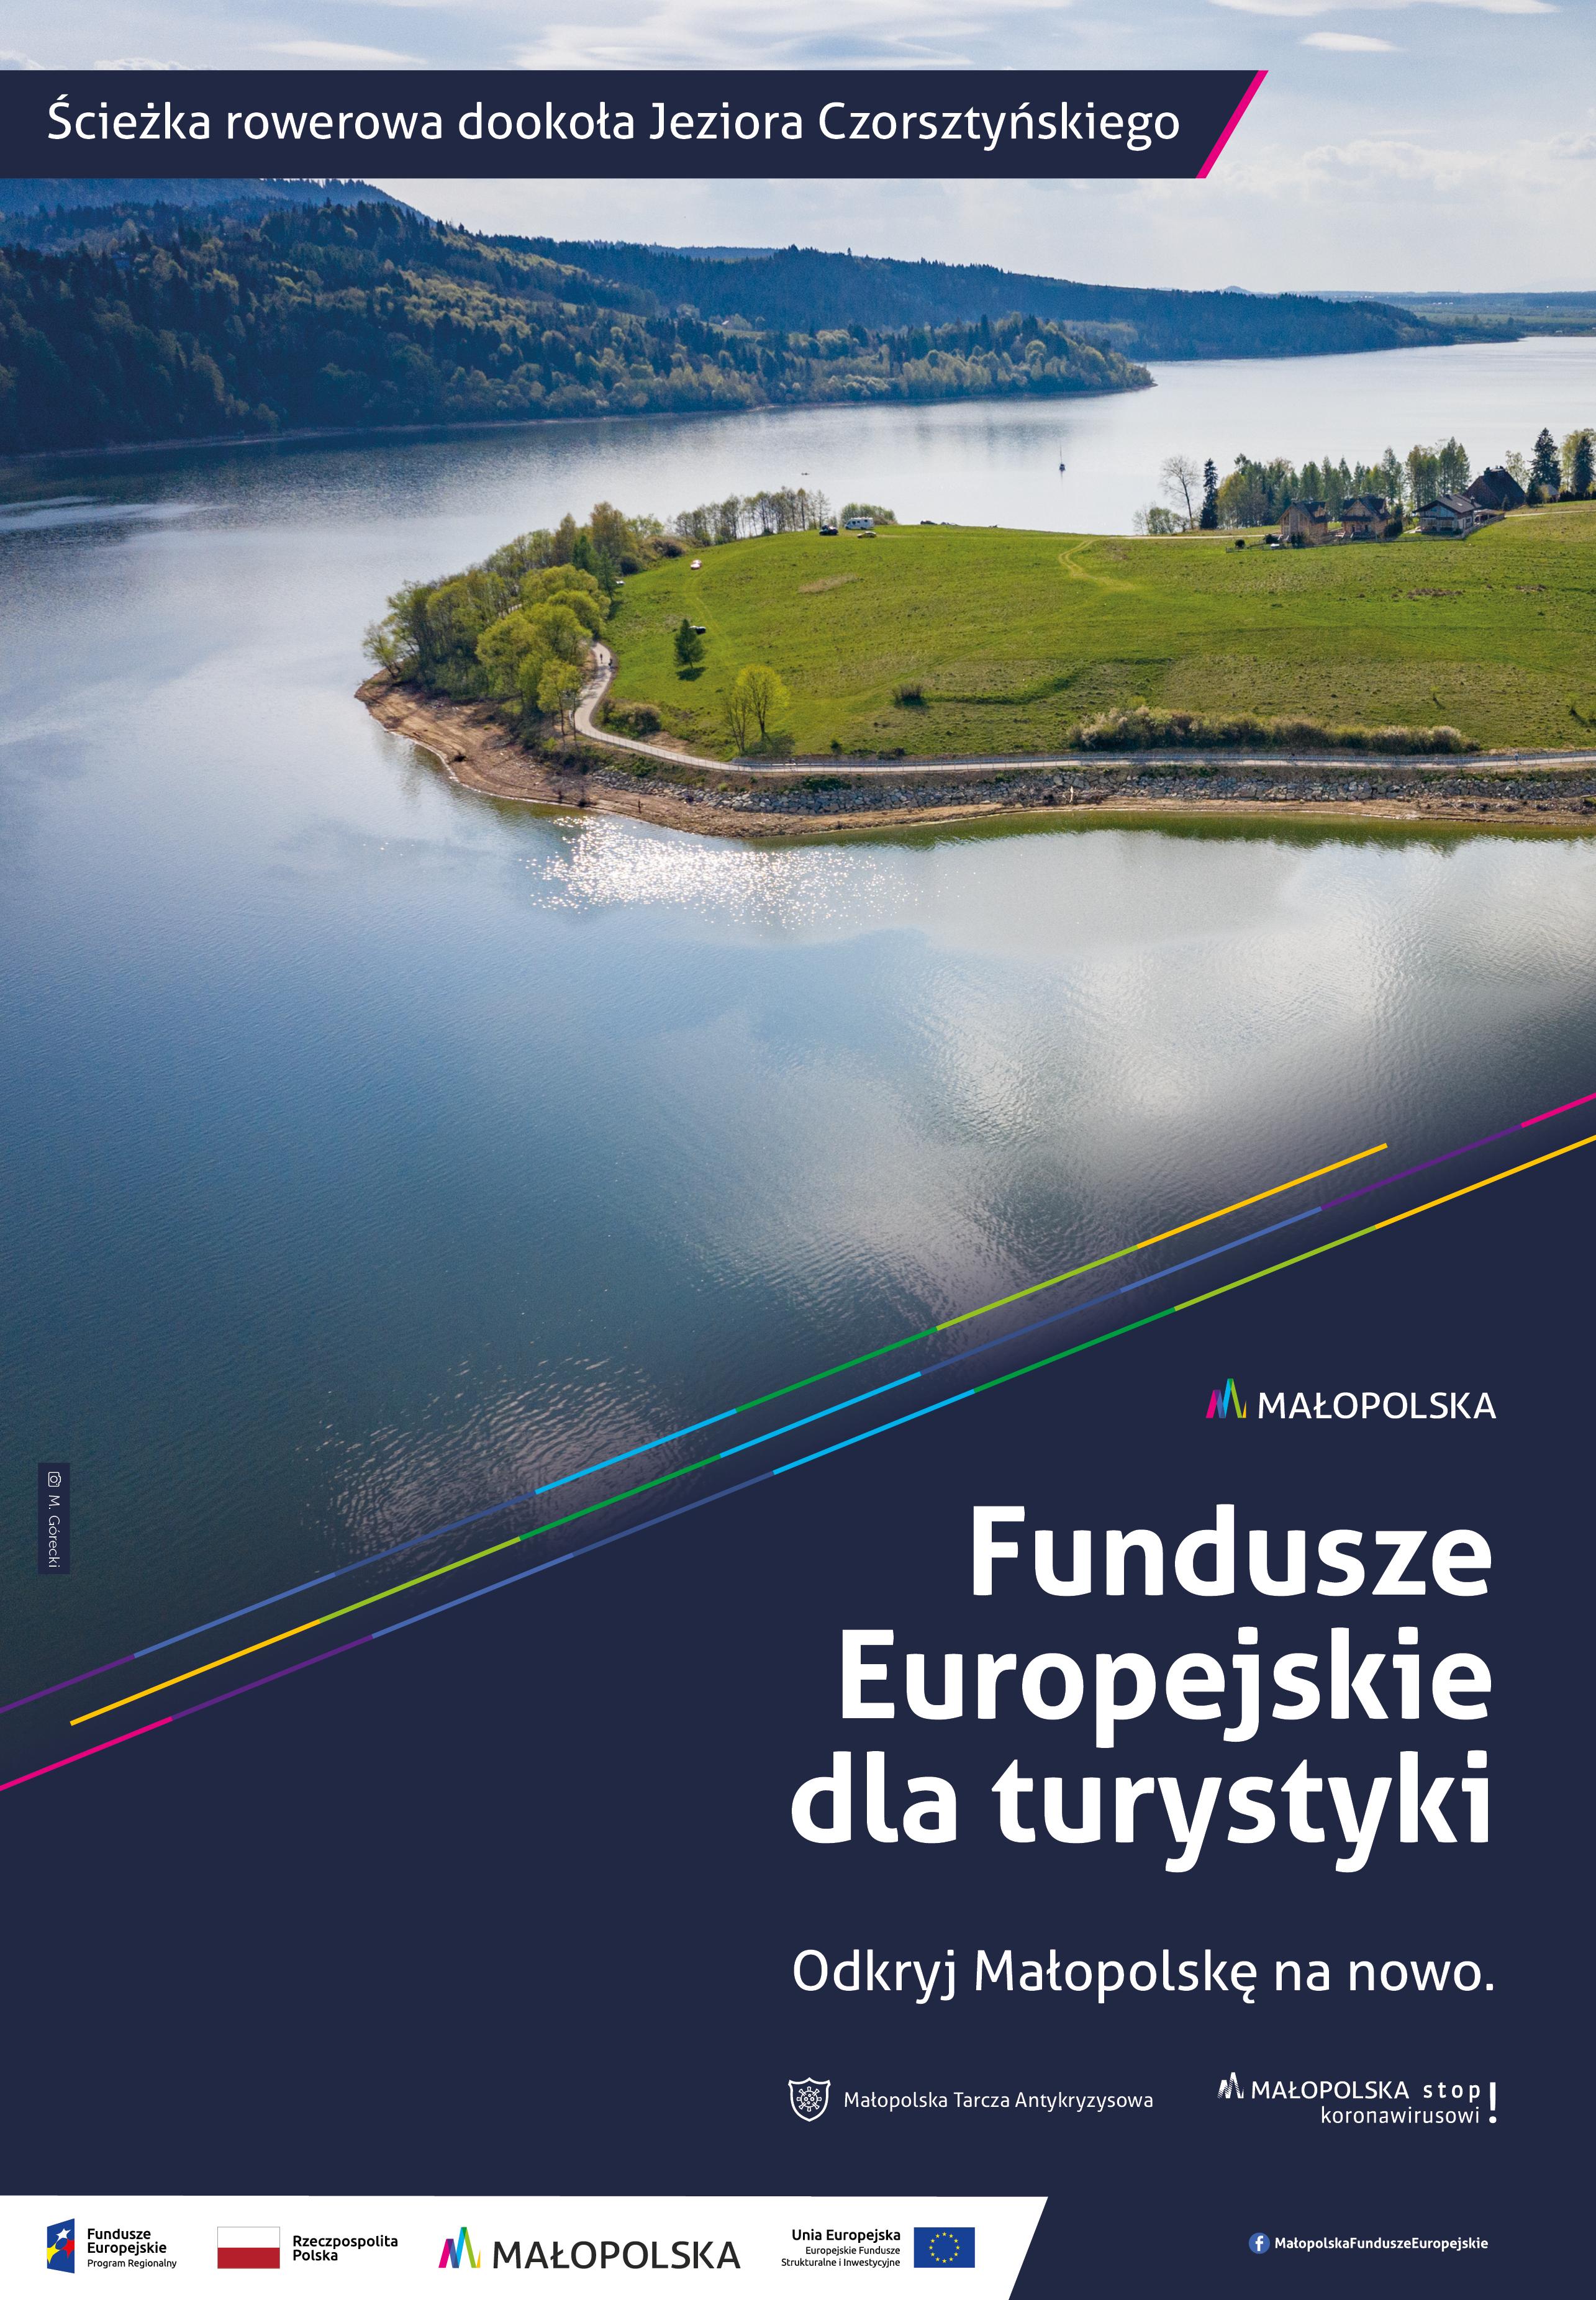 Fundusze europejskie dla turystyki - Ścieżka rowerowa dookoła Jeziora Czorsztyńskiego